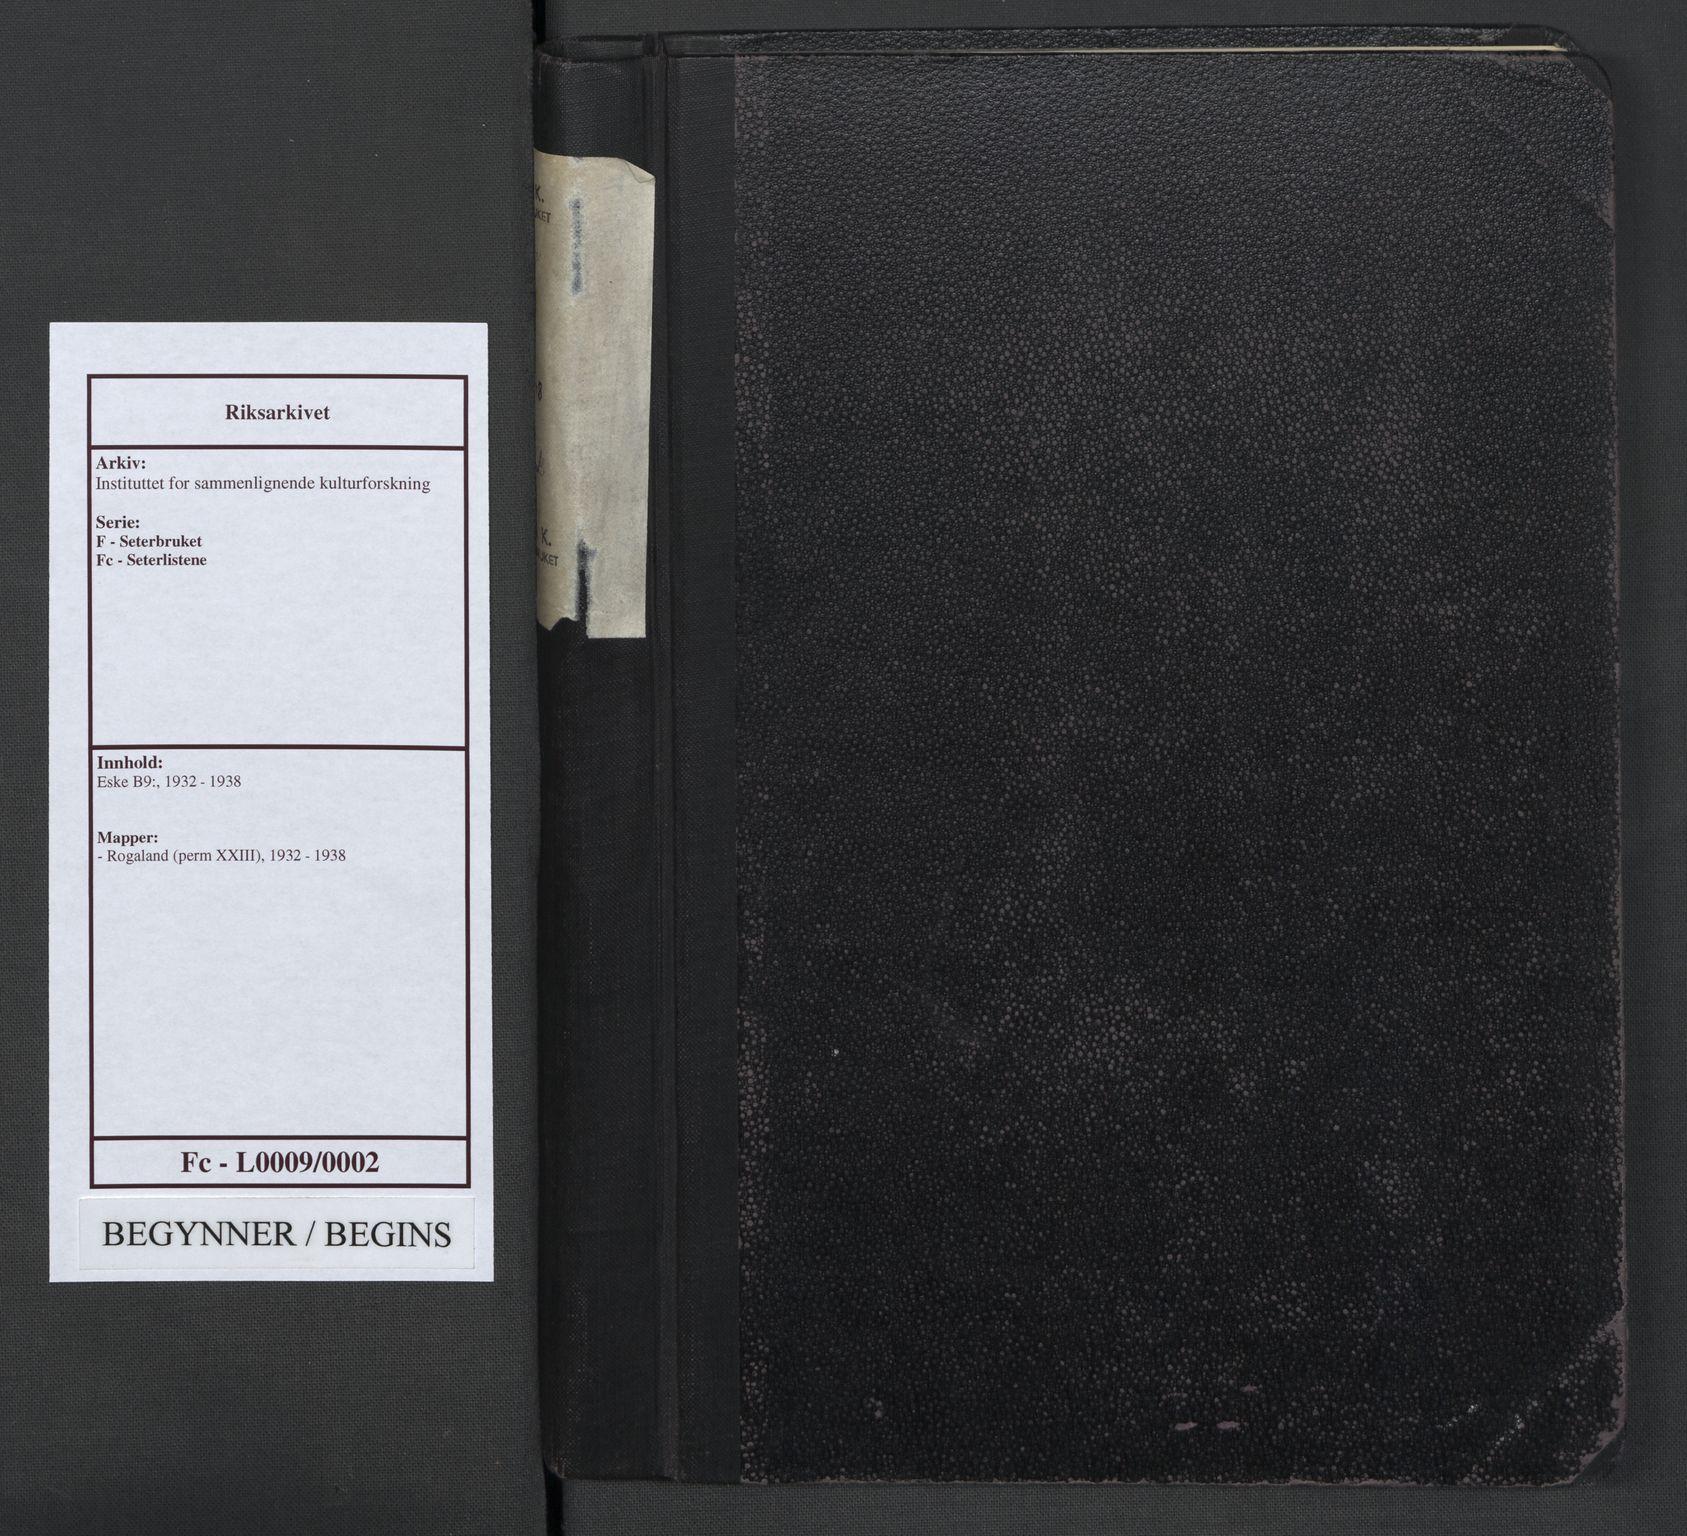 RA, Instituttet for sammenlignende kulturforskning, F/Fc/L0009: Eske B9:, 1932-1938, s. upaginert